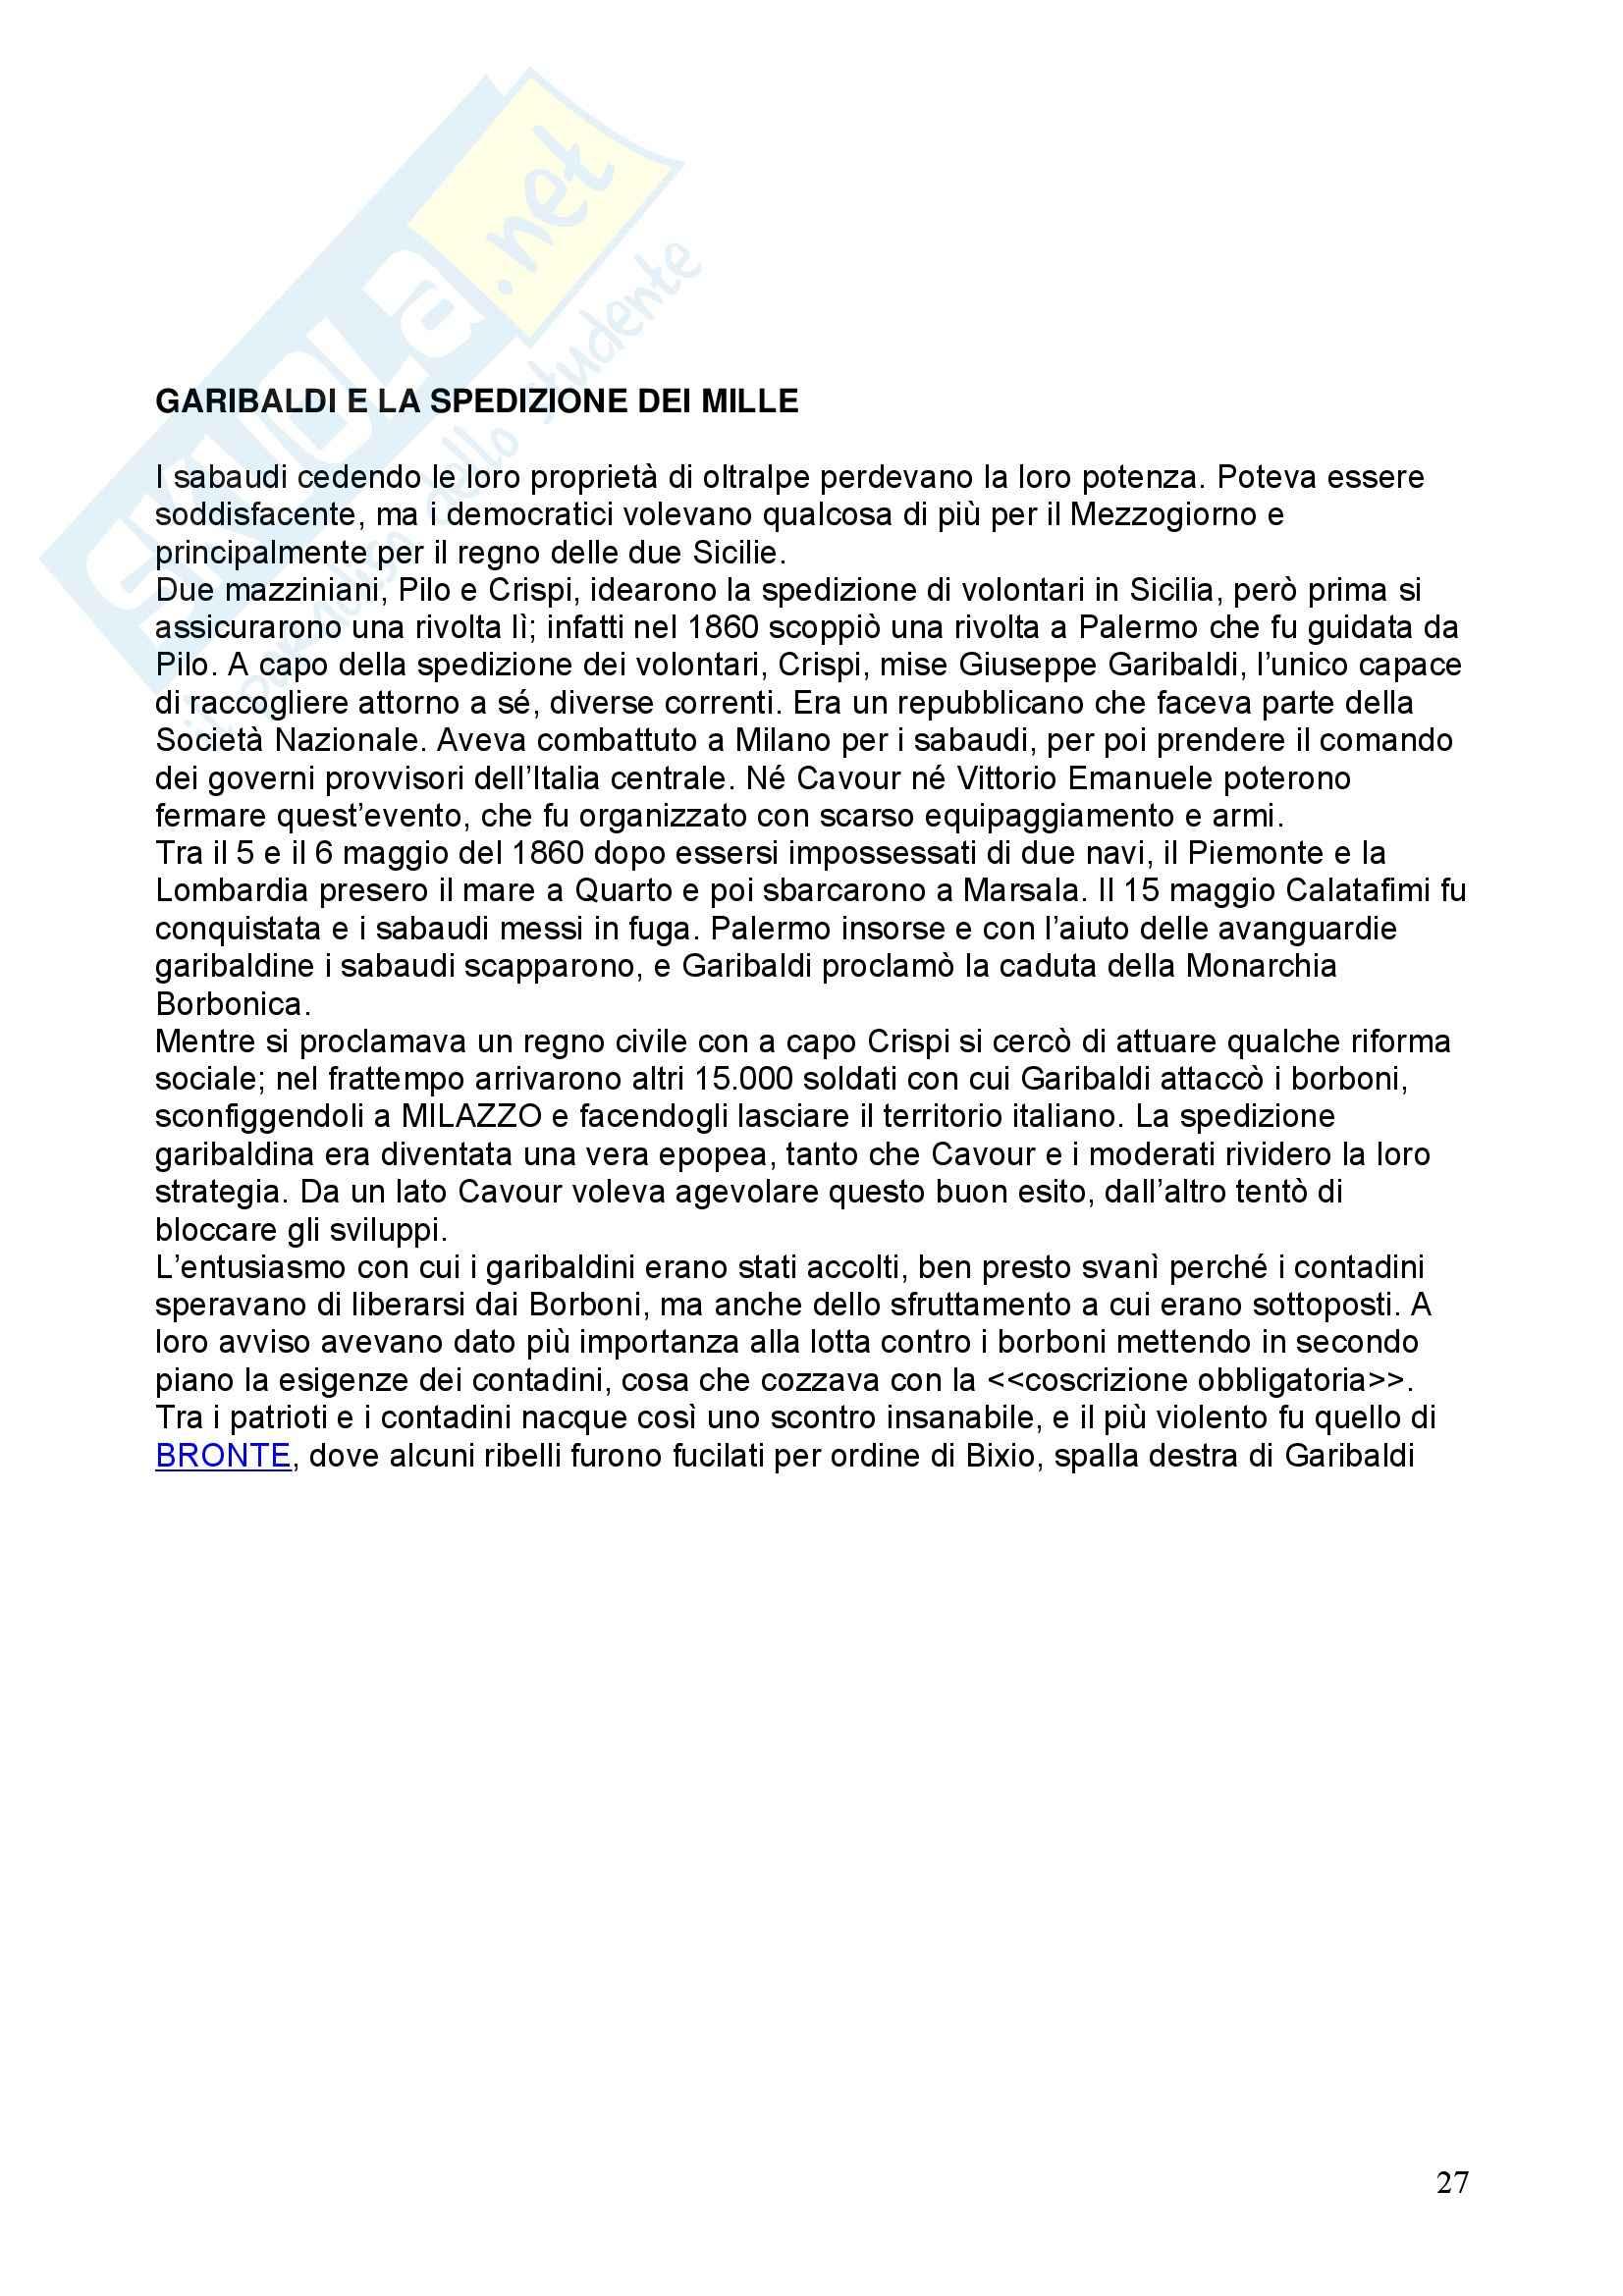 Storia - Garibaldi e la spedizione dei mille - Riassunto esame, prof. De Leonardis